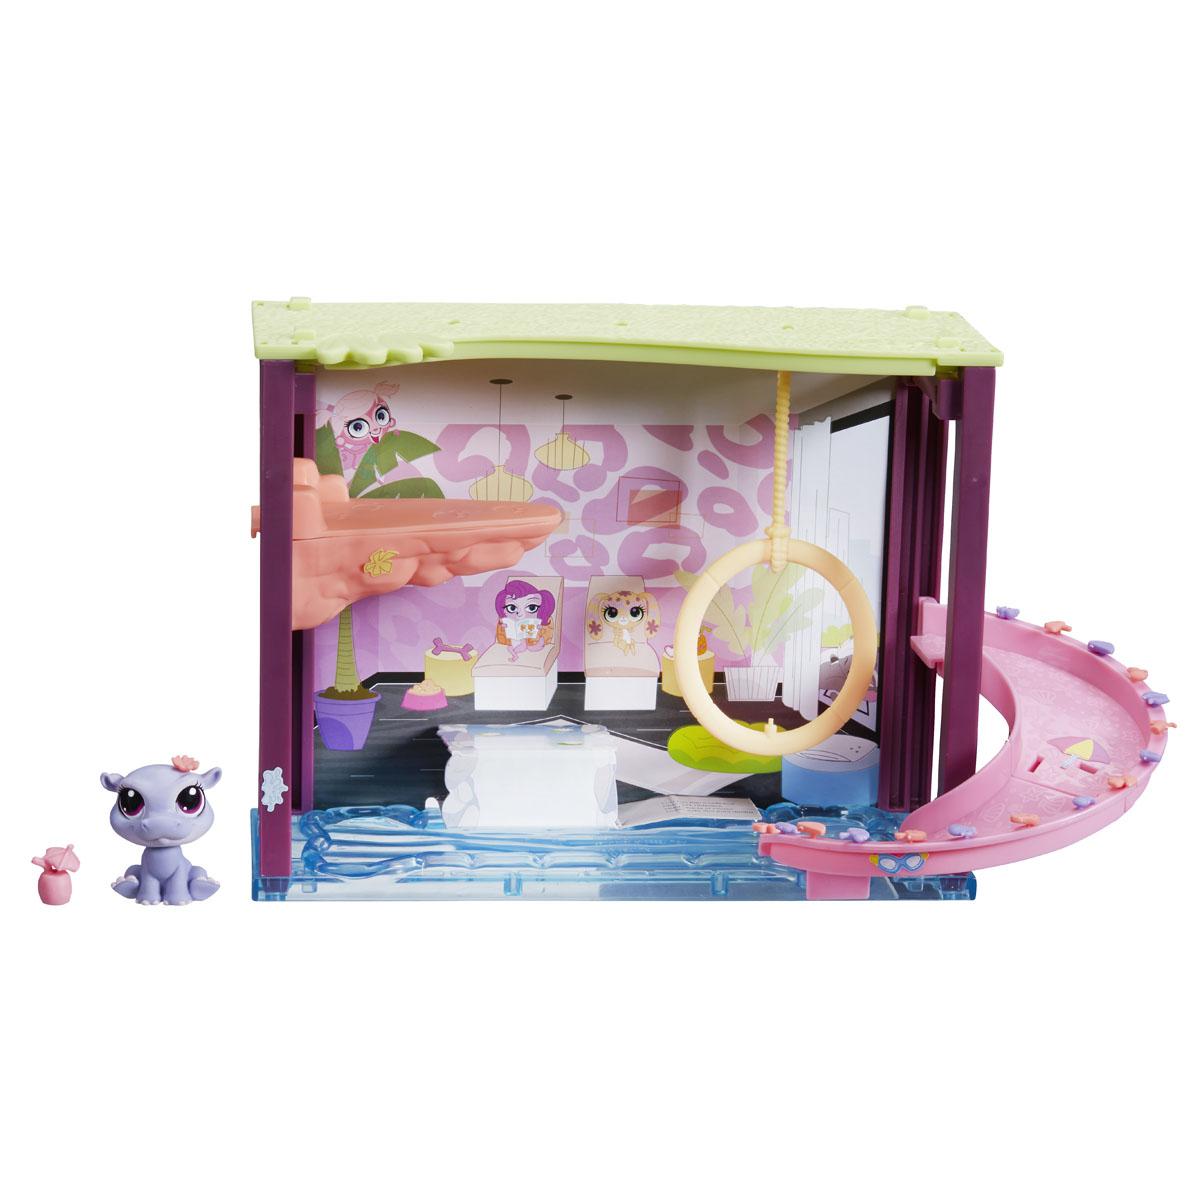 Littlest Pet Shop Игровой мини-набор Pawza PoolB0119_A7641_SolidИгровой мини-набор Littlest Pet Shop Pawza Pool не оставит равнодушной вашу малышку! Набор включает в себя более 35 аксессуаров для создания неповторимой музыкальной сцены, и эксклюзивную фигурку питомца-бегемотика. Голова игрушки подвижна. Комната-бассейн включает в себя качели для питомца и водную горку. Ваша малышка сможет украсить ее по своему вкусу, при помощи входящих в набор пластиковых декоративных элементов и наклеек. Маленькие зверюшки смогут весело провести время около бассейна, прокатиться с горки и спрыгнуть в бассейн с тарзанки. Набор совместим с другими мини-наборами Littlest Pet Shop - соедините все наборы между собой и построй свой уникальный мир LPS! Играя с этим набором, ваша малышка прекрасно проведет время. Порадуйте ее таким замечательным подарком!